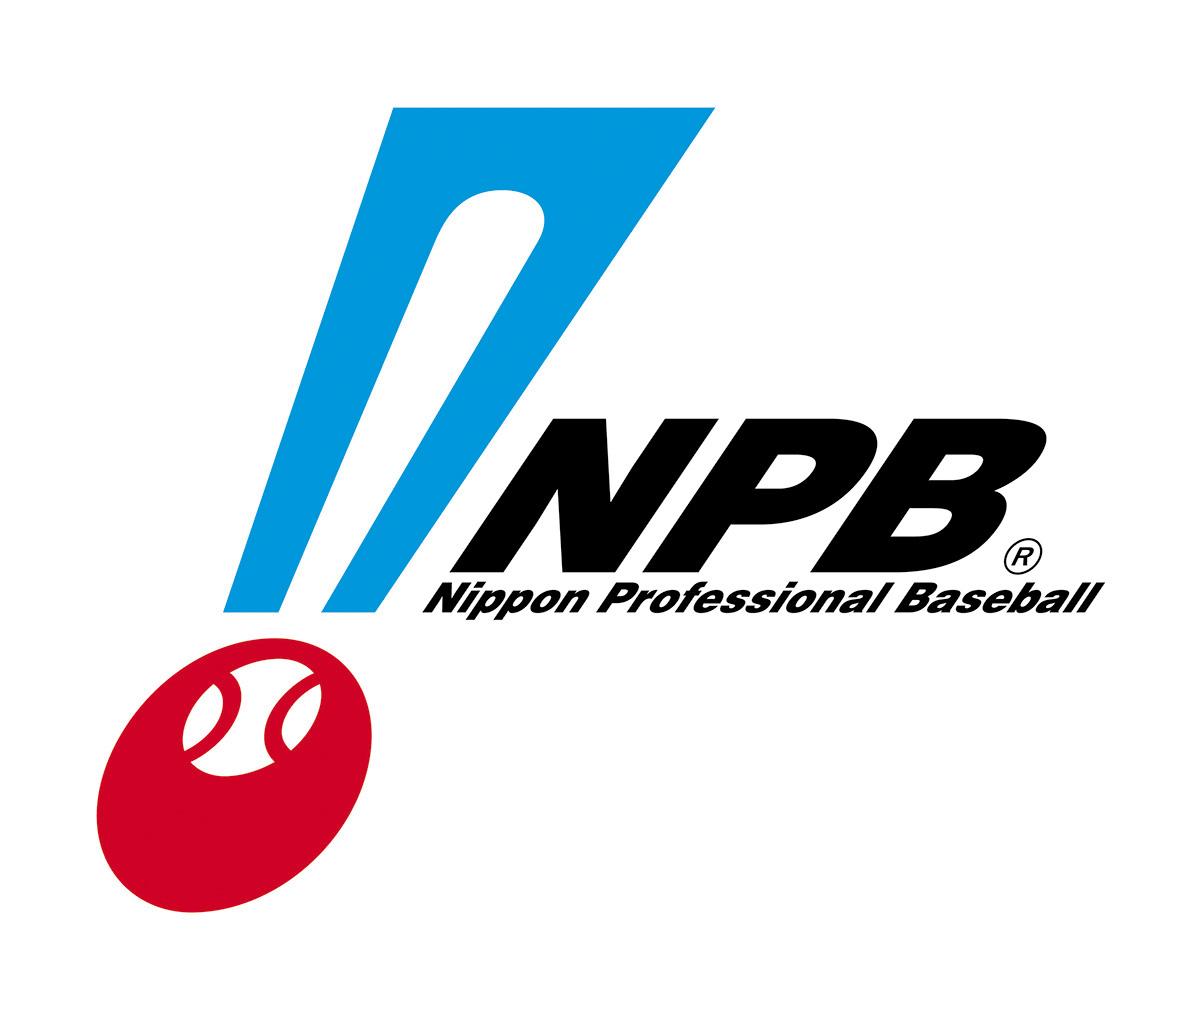 日本野球機構 NPBシンボルマーク / 1997 | ロゴマーク